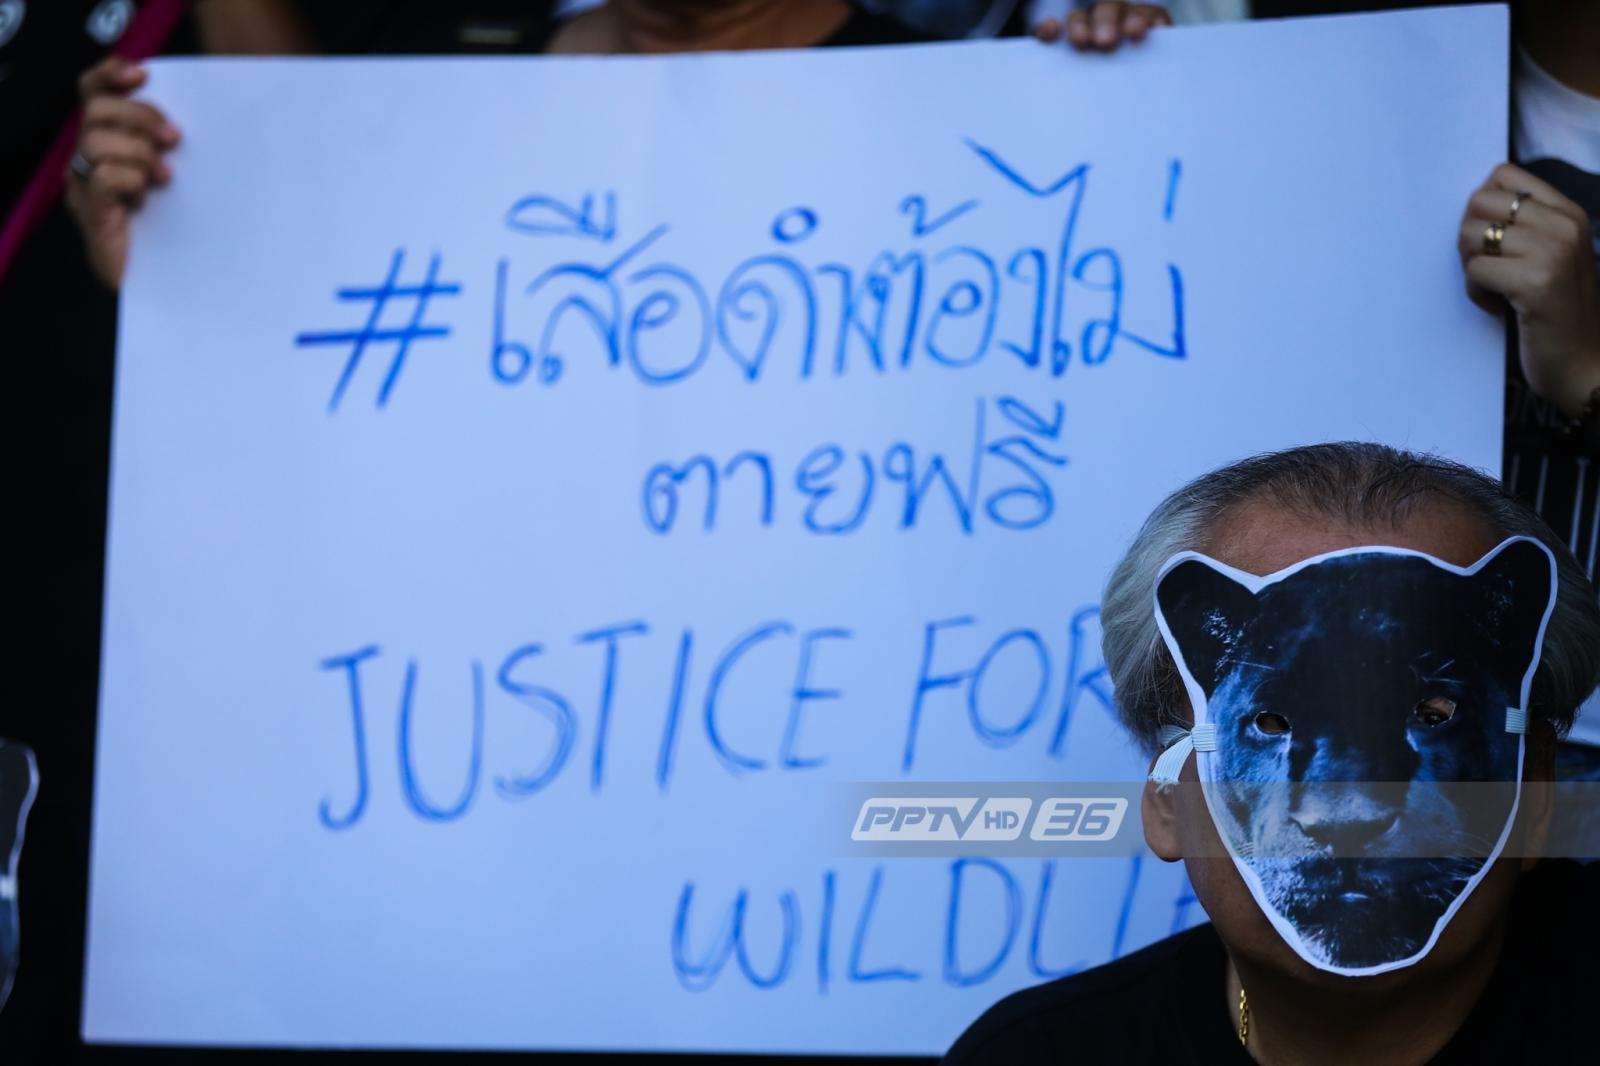 """""""กราฟฟิตี้เสือดำ"""" ทั่วกรุง แทนเสียงเรียกร้องความยุติธรรม !!"""